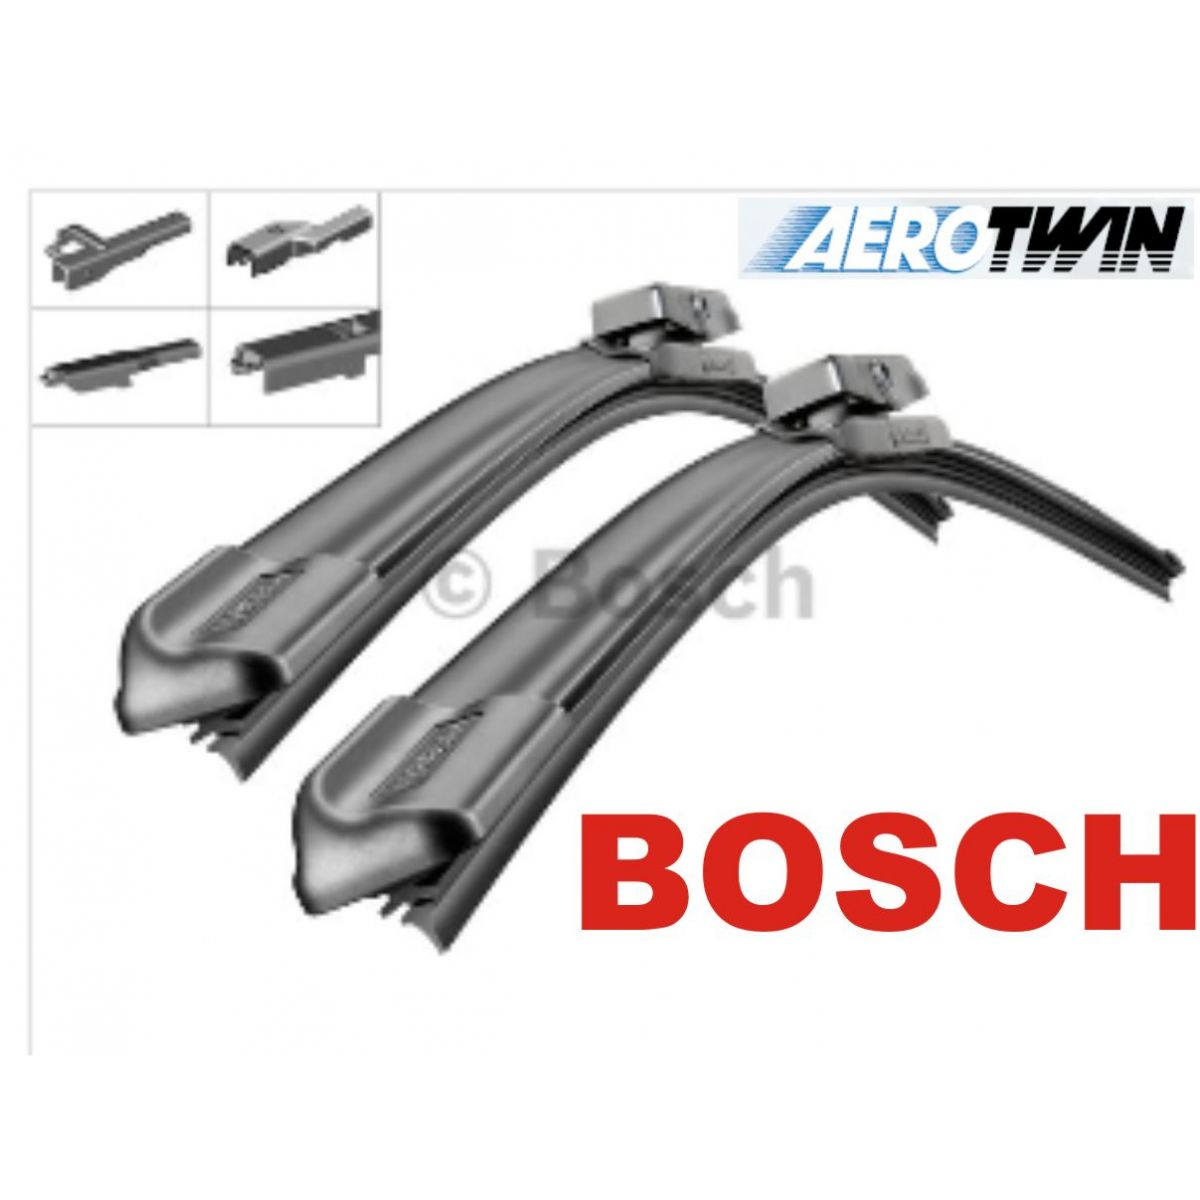 Palheta Bosch Aerotwin Plus Limpador de para brisa Bosch Mini Cooper Coupe S / Cabrio S ano 2011 em diante